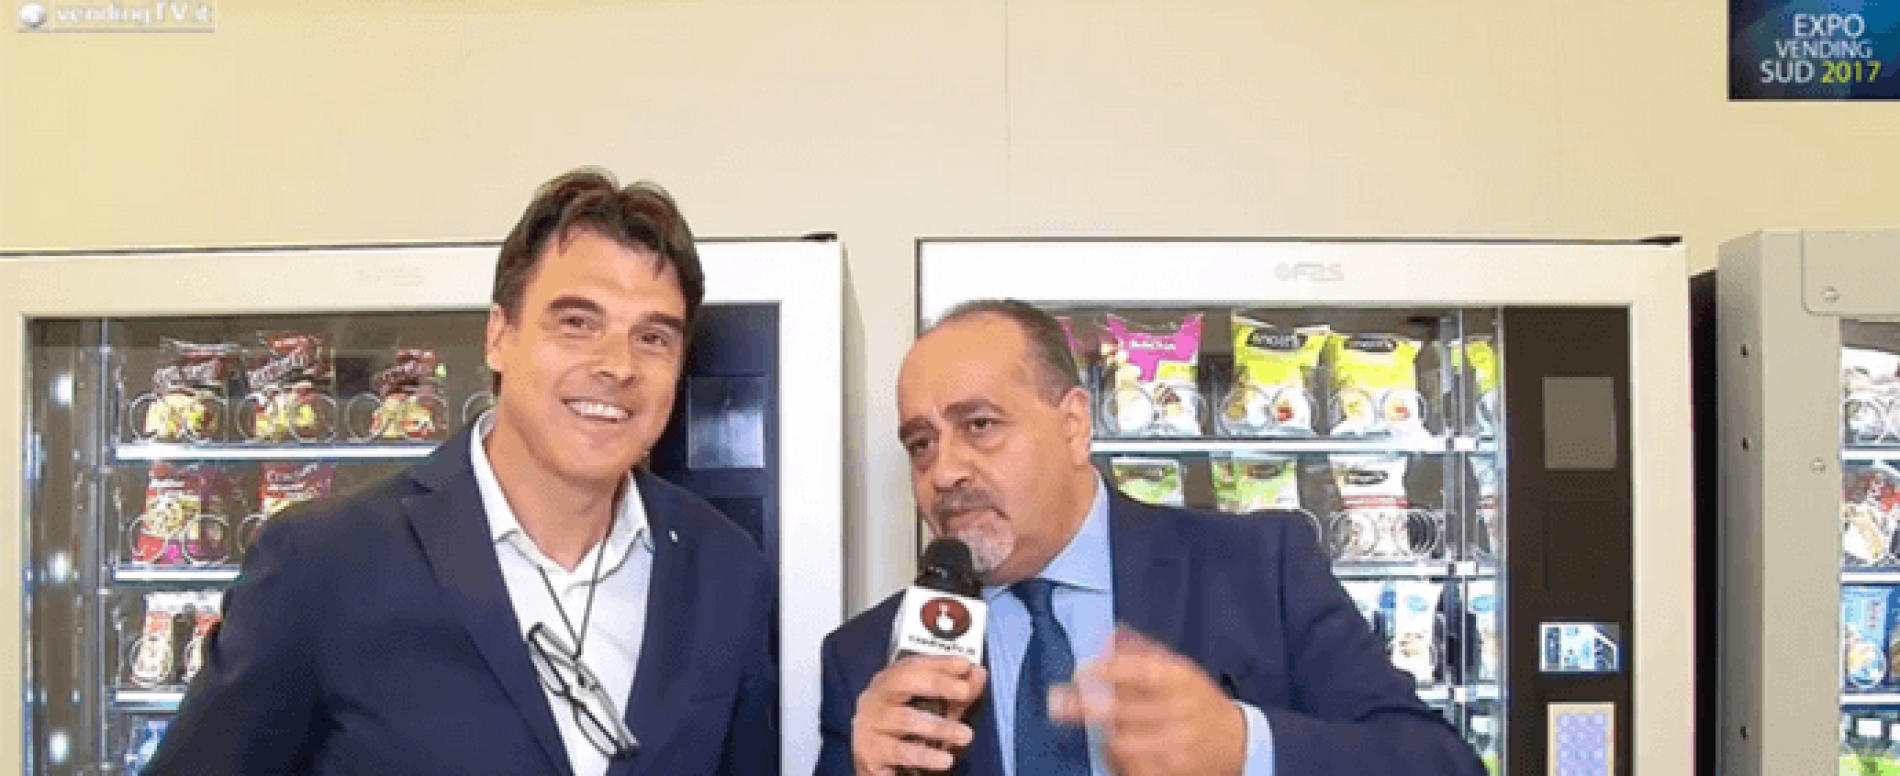 Expo Vending Sud 2017. Intervista con Nicola Zaniboni